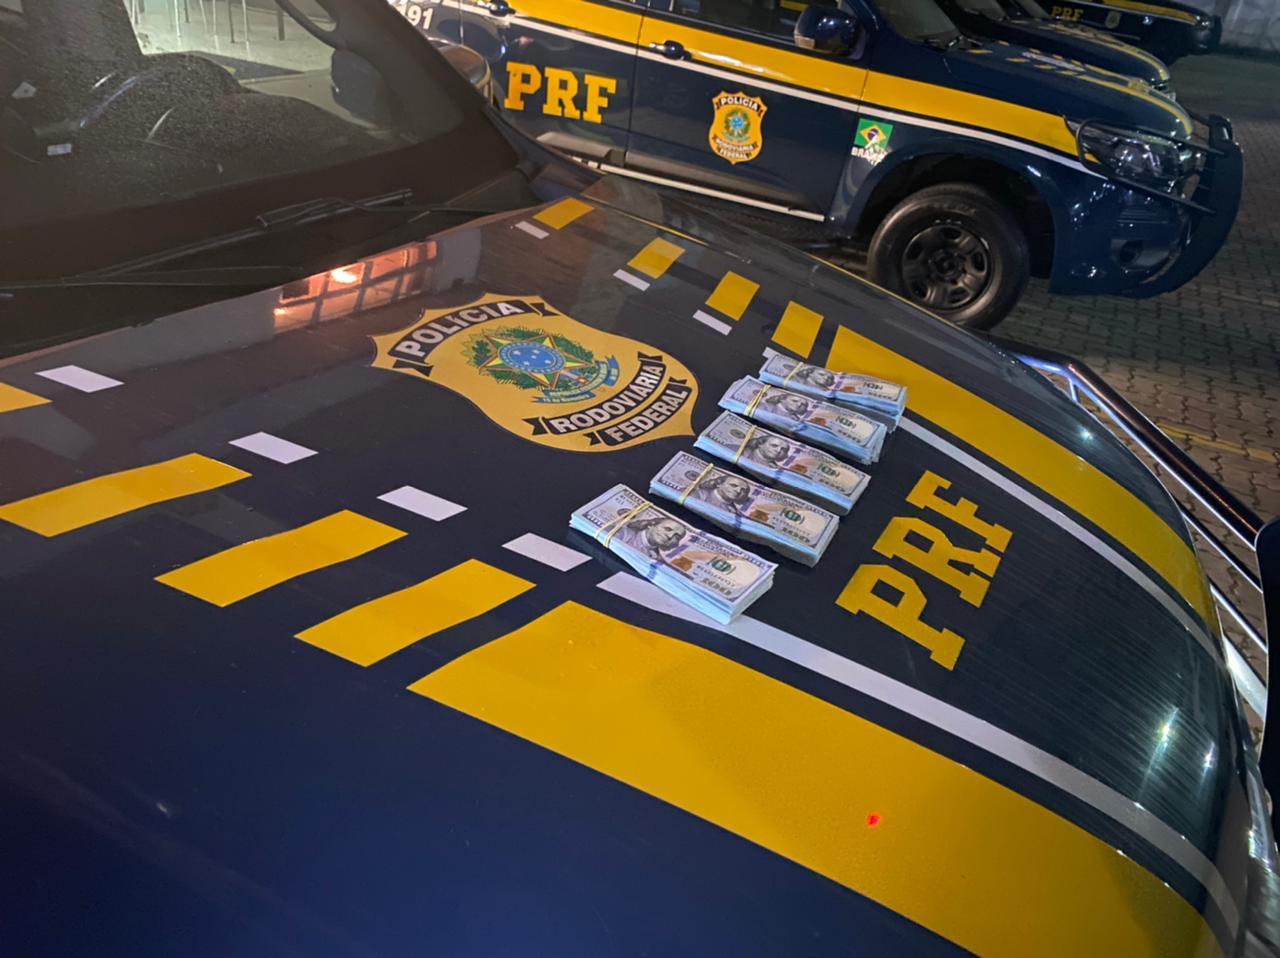 A caminhonete Fiat Toro, ocupada por um casal, foi parada na BR-376, na região de Guaratuba, no litoral do estado